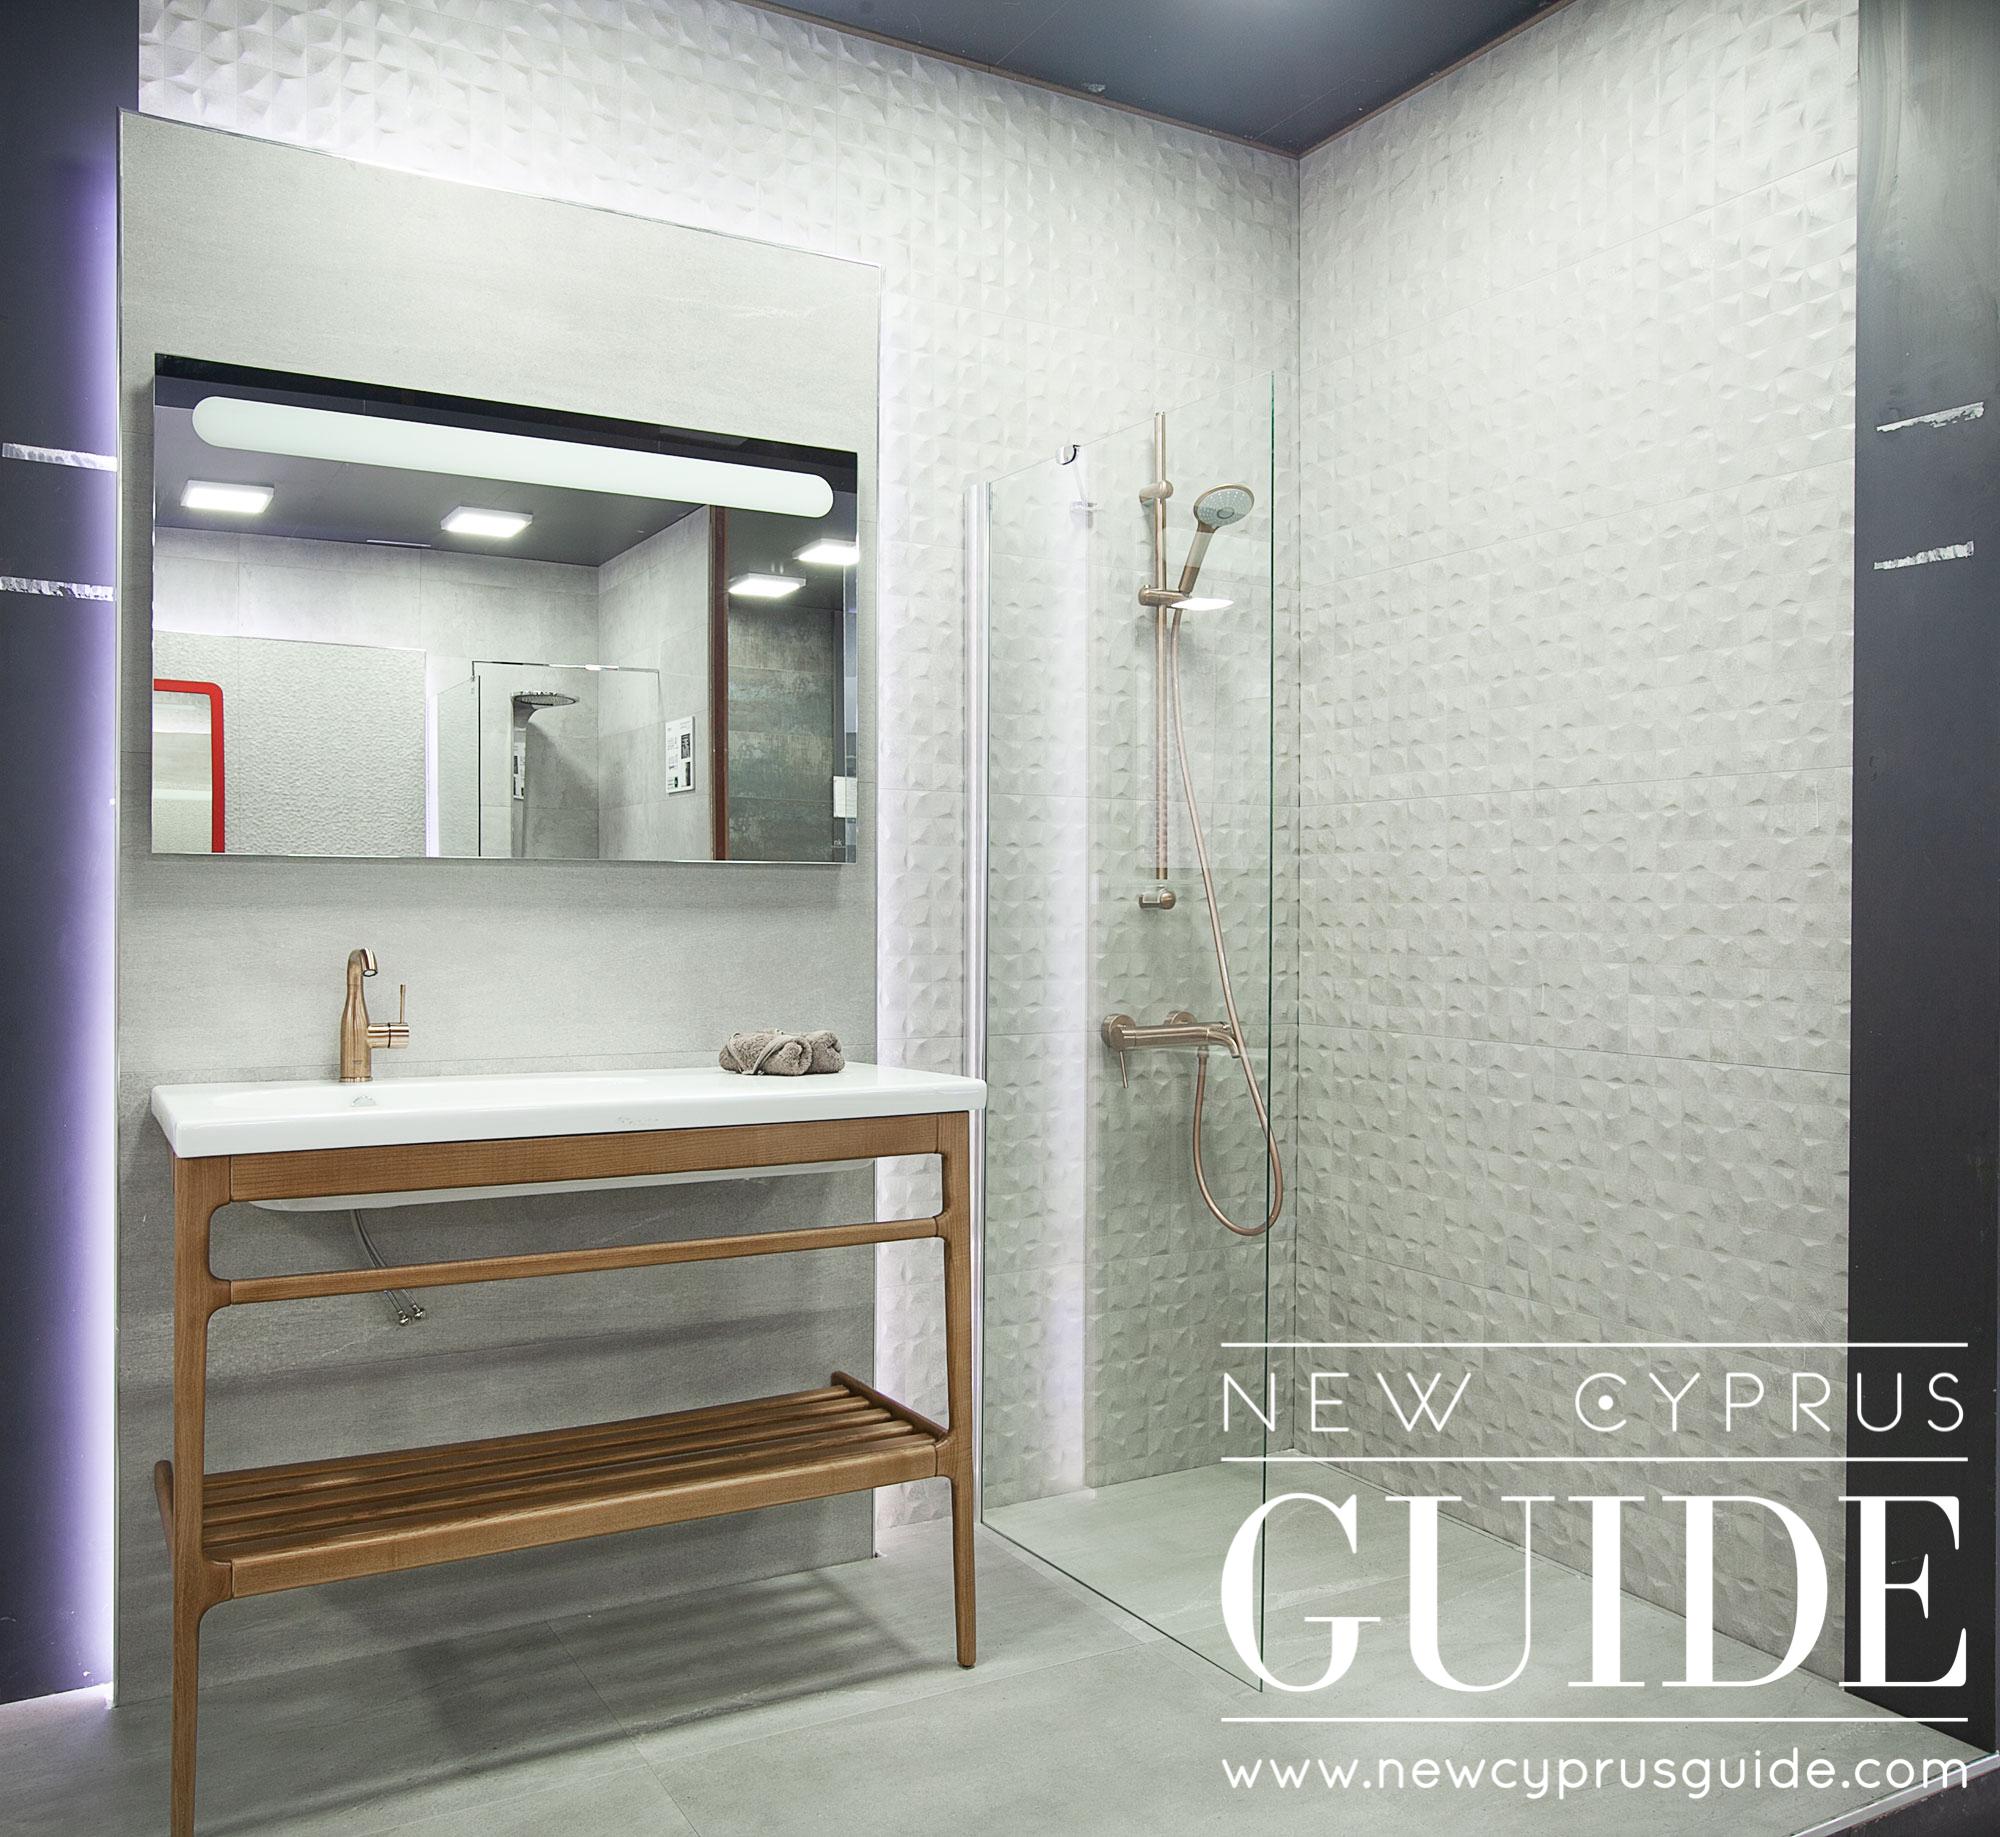 Mepas Bathroom - Kyrenia - New Cyprus Guide